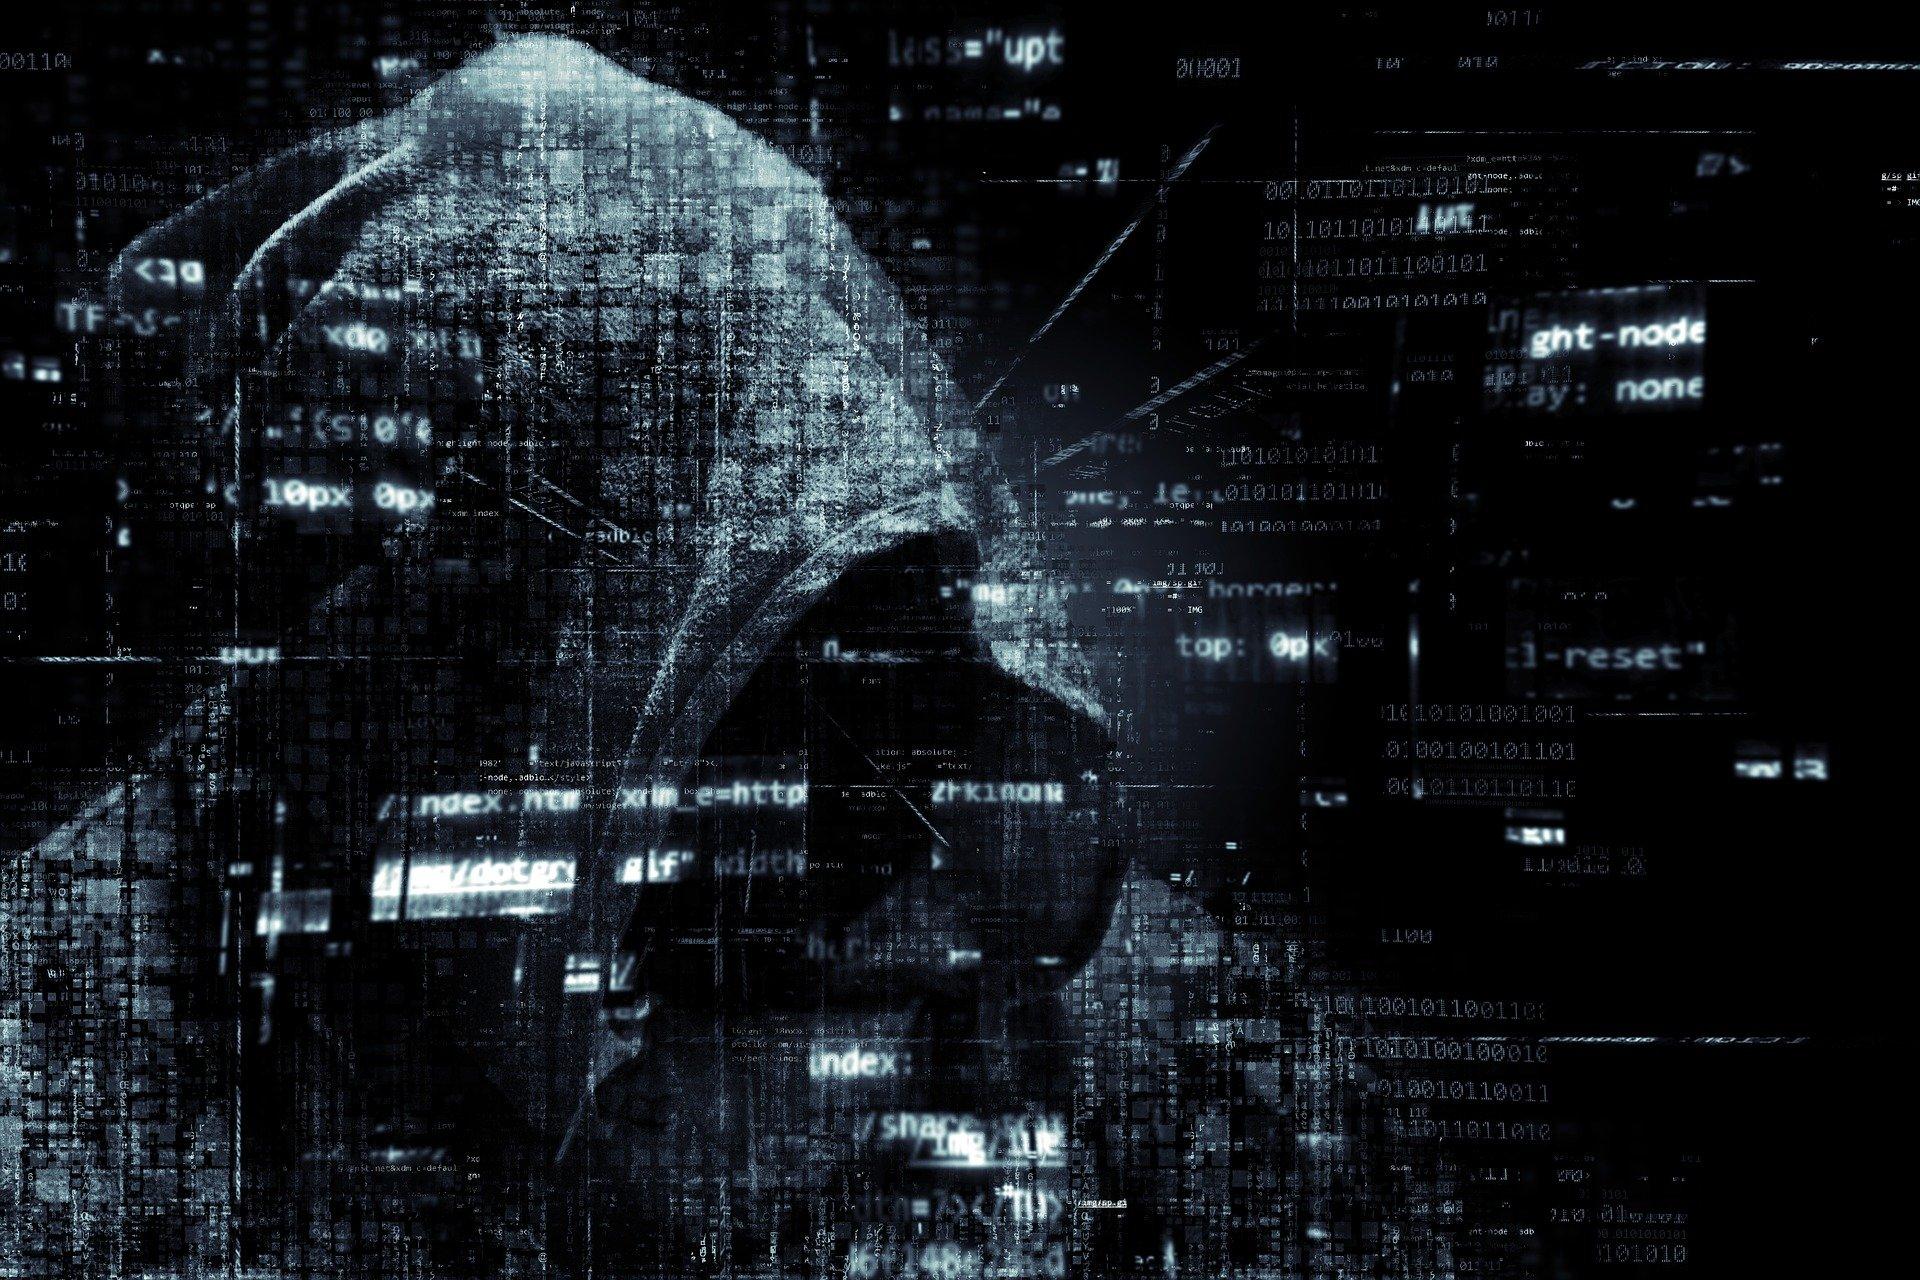 Ataki DDoS Botnet Emotet